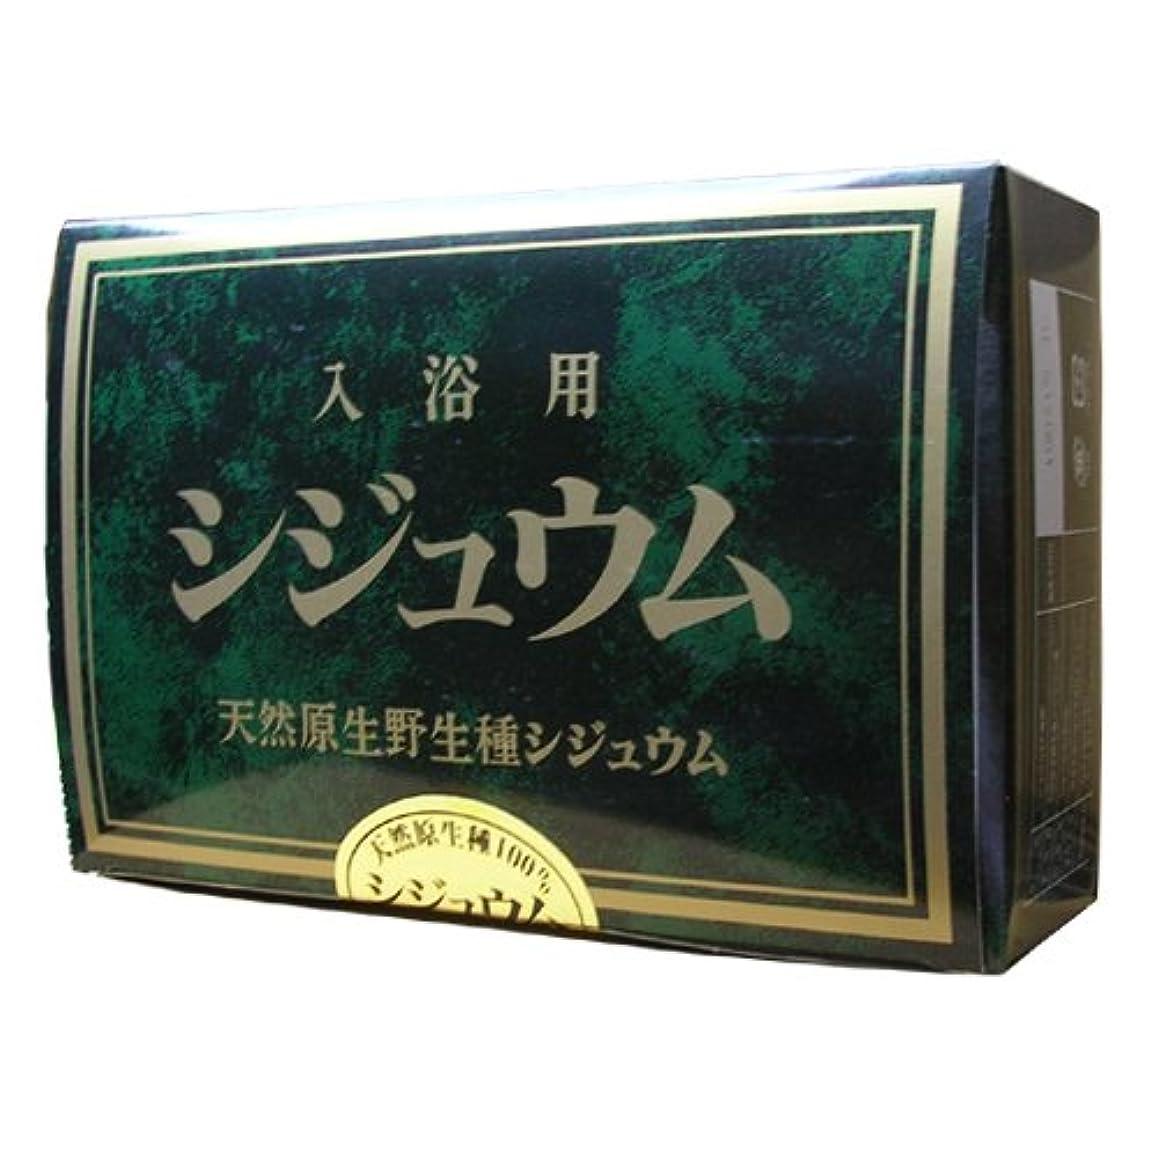 発信肥料抽出入浴用シジュウム  30包×3箱セット